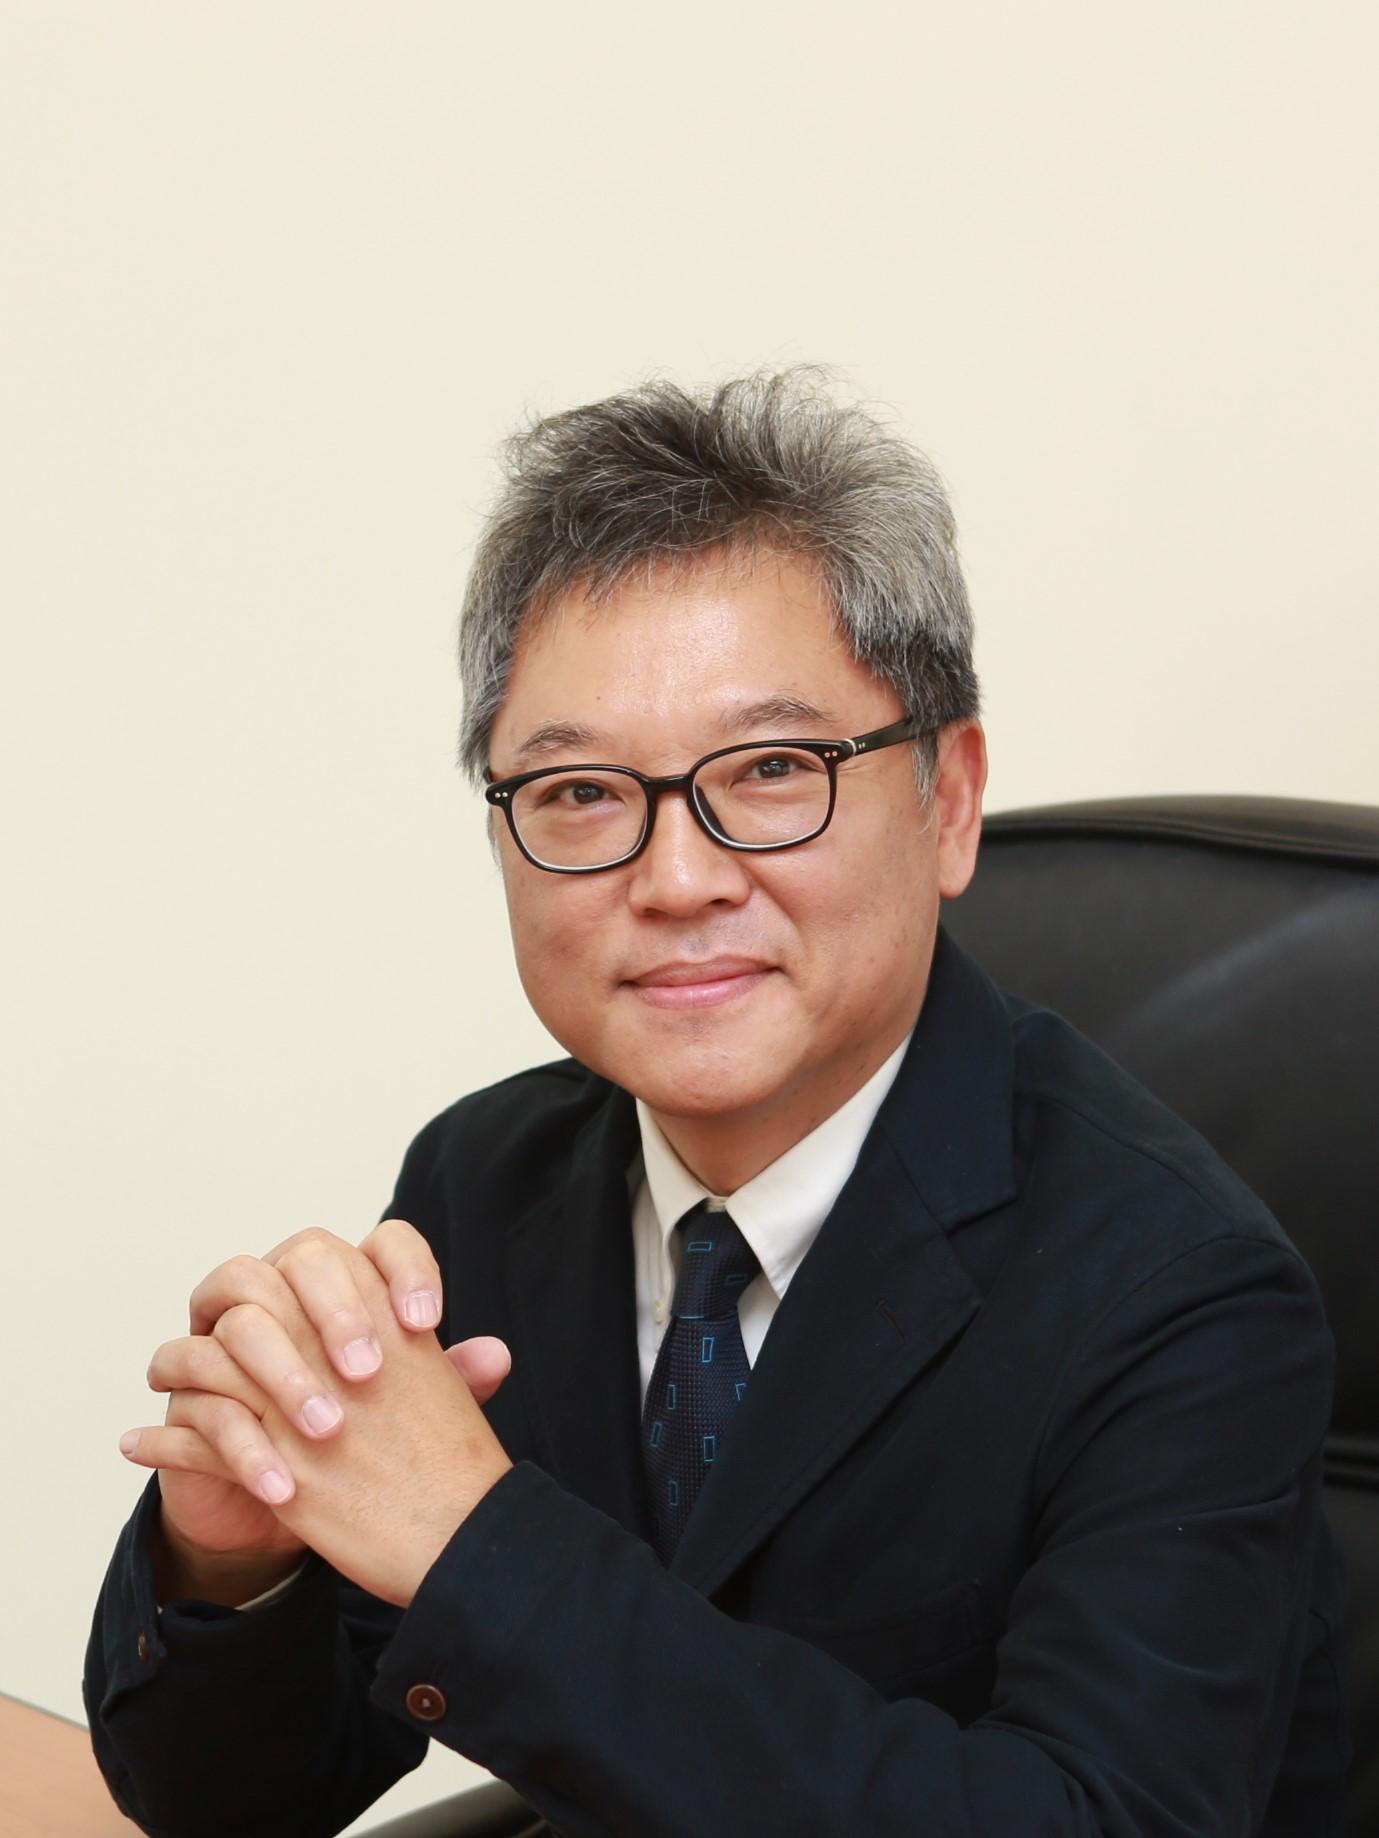 김영훈(金榮勳) 교수님 사진